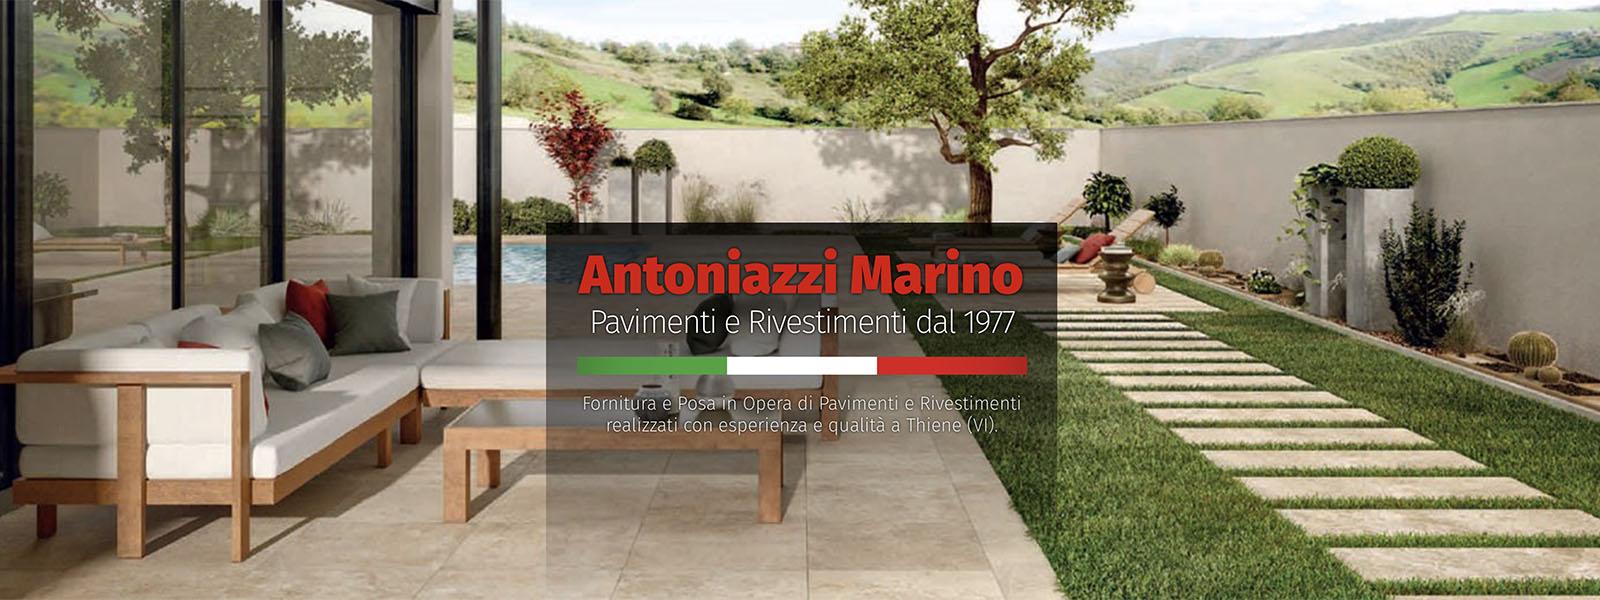 Sito Web Ceramiche Antoniazzi